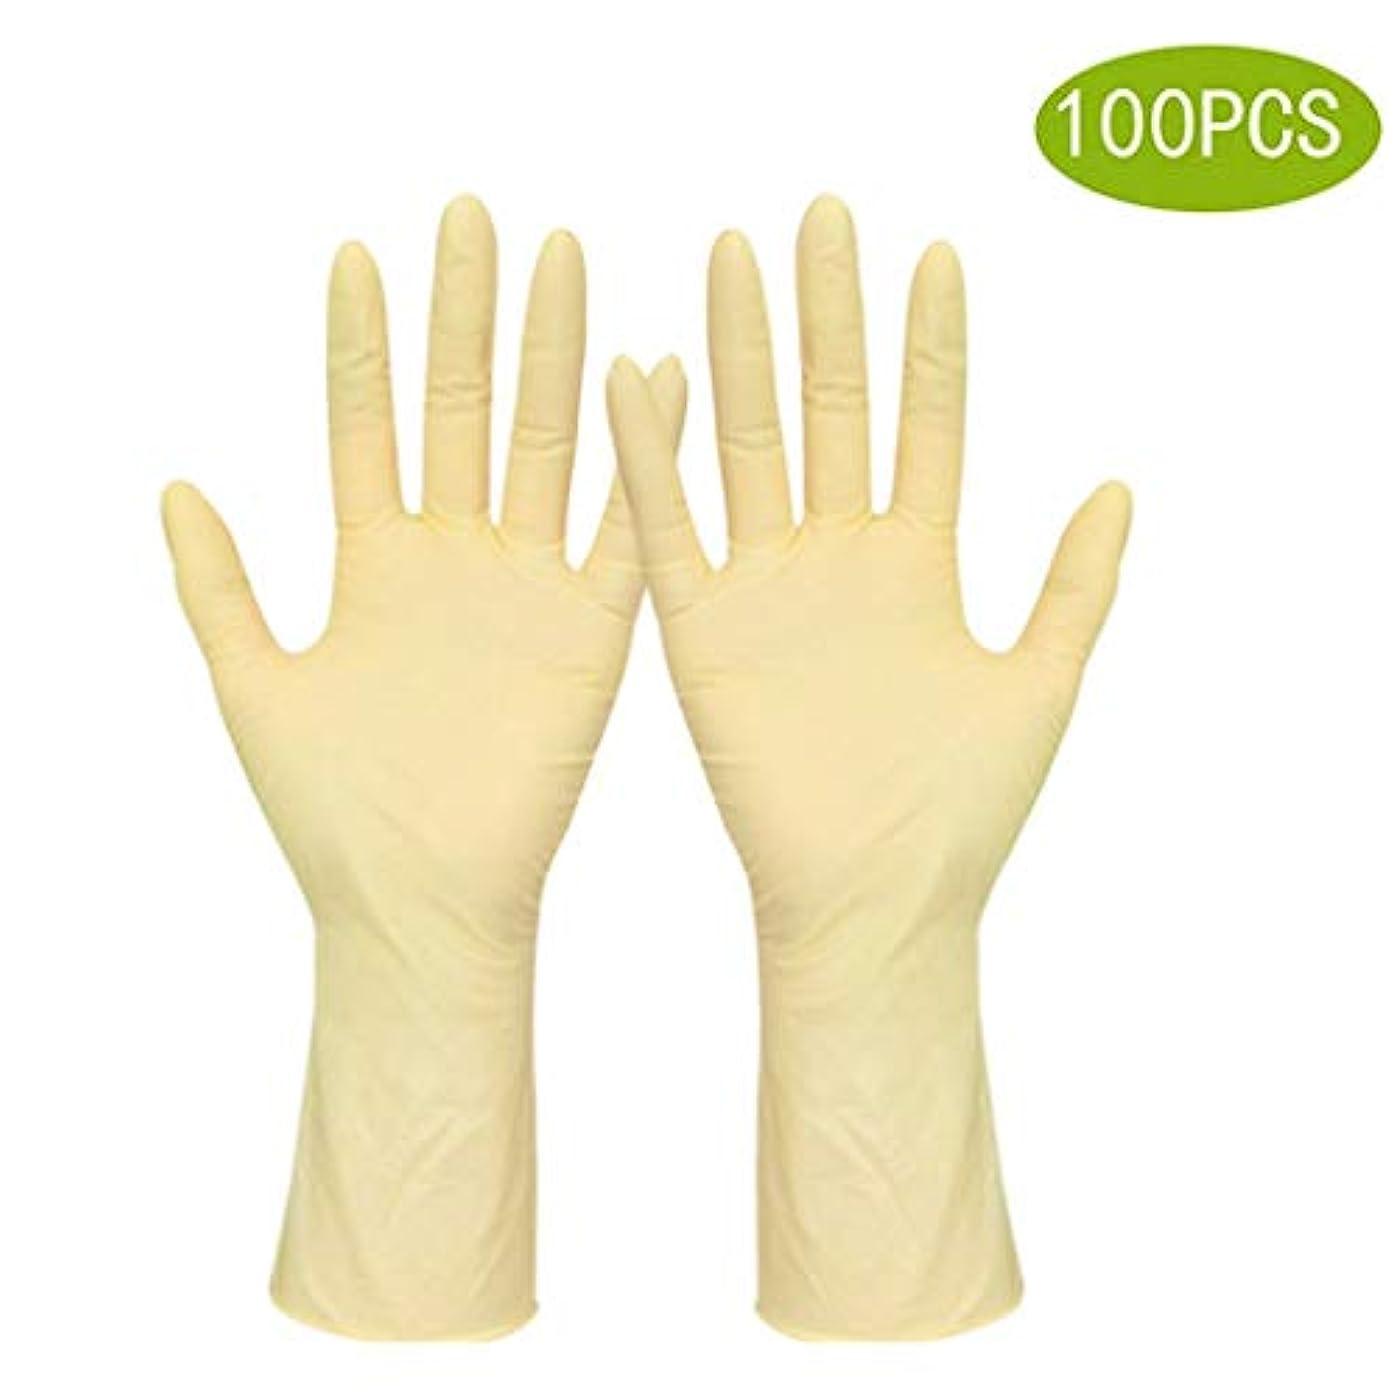 ラテックス手袋4ミル使い捨て手袋 - 試験グレード、パウダーフリー、テクスチャード加工、非滅菌、小、100個入り (Size : S)